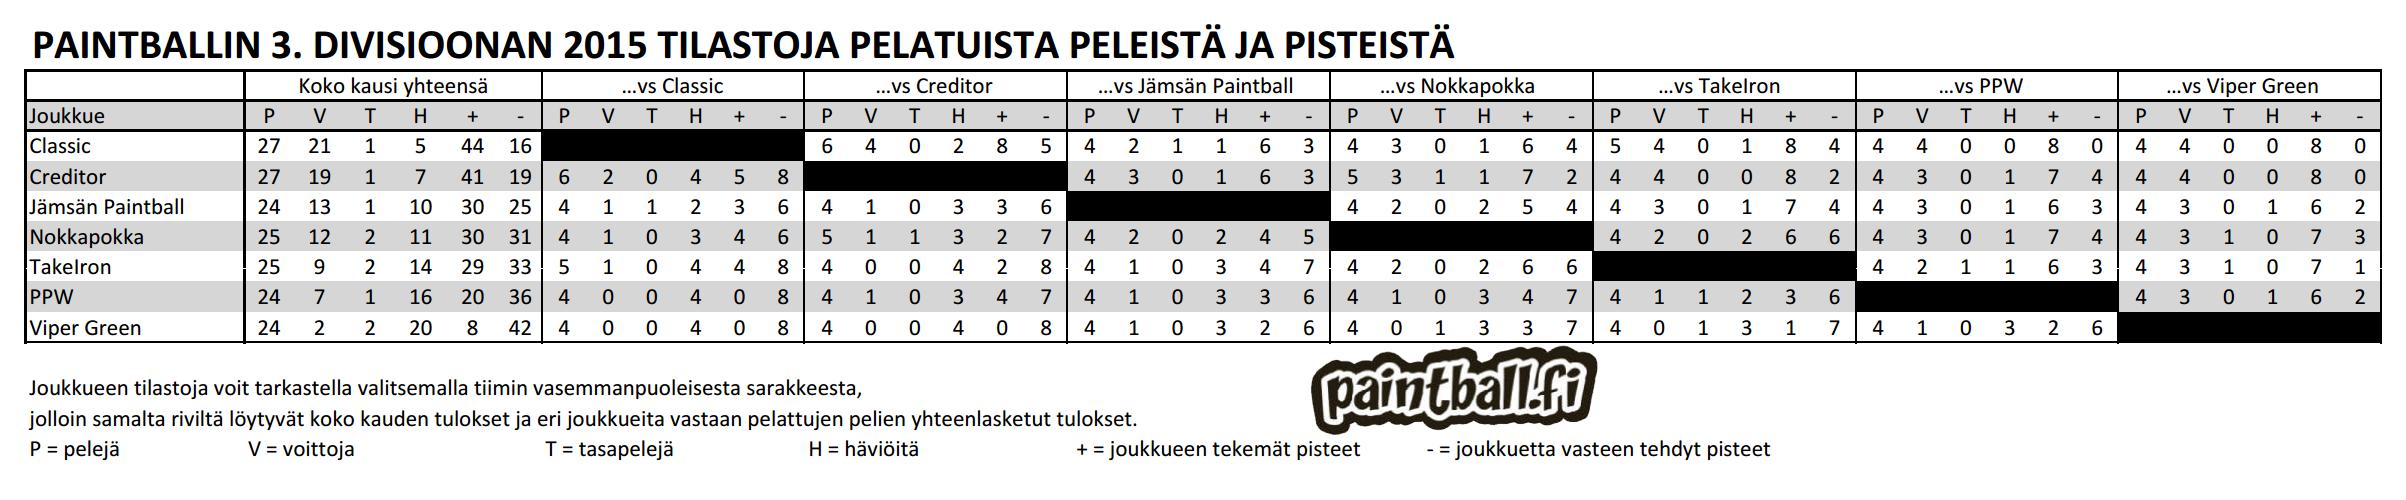 2015_3divisioona_tilastot.PNG